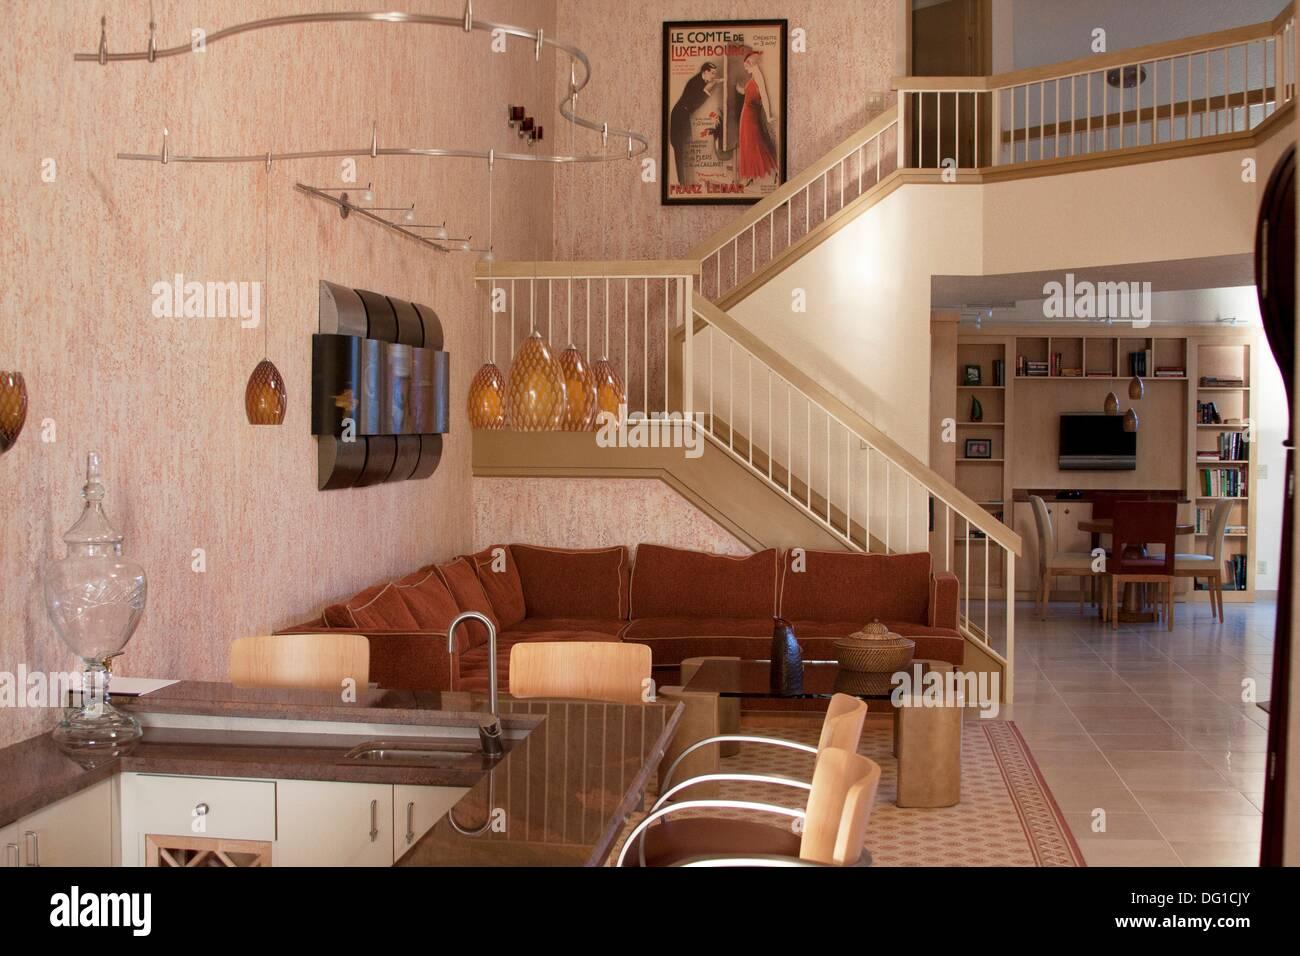 Primer Piso Del Espacio Interior De Una Casa Moderna Con Una